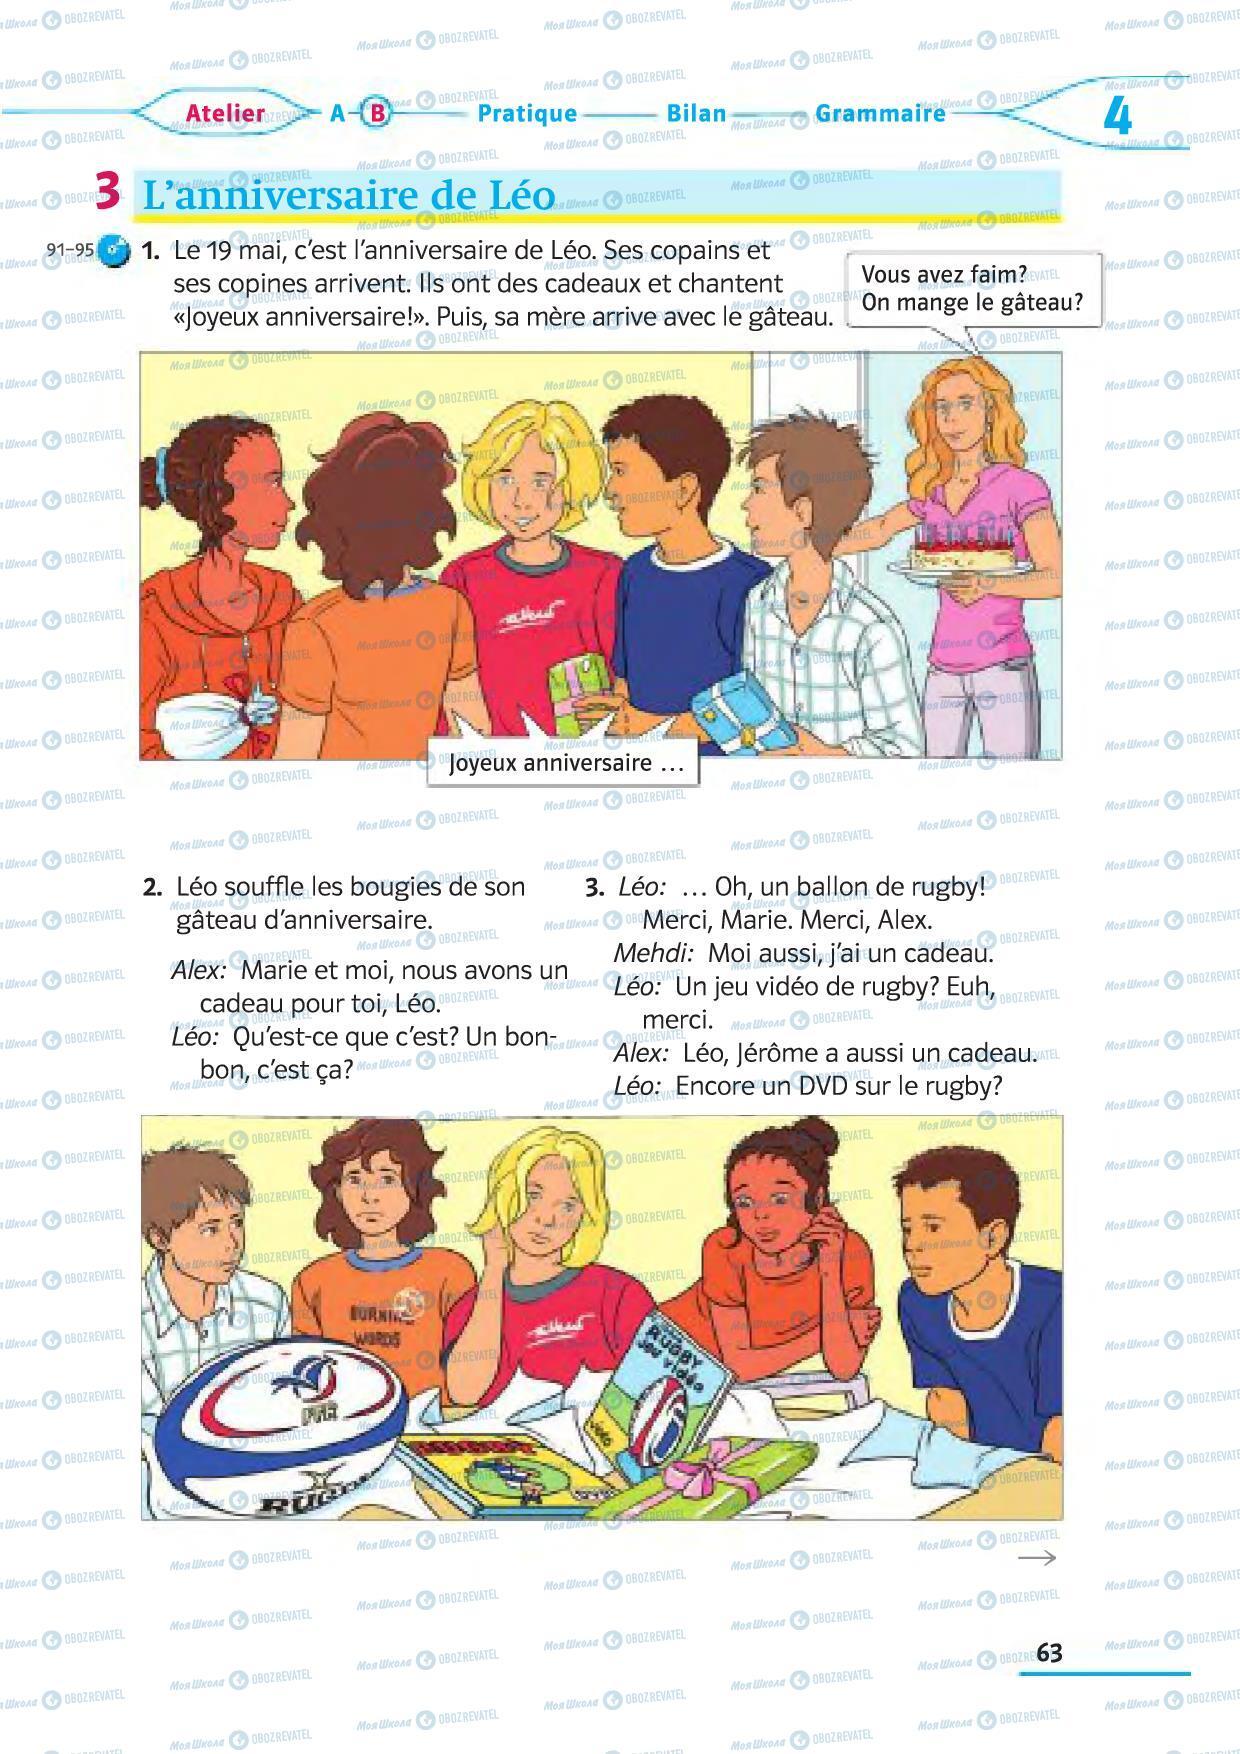 Підручники Французька мова 5 клас сторінка 63